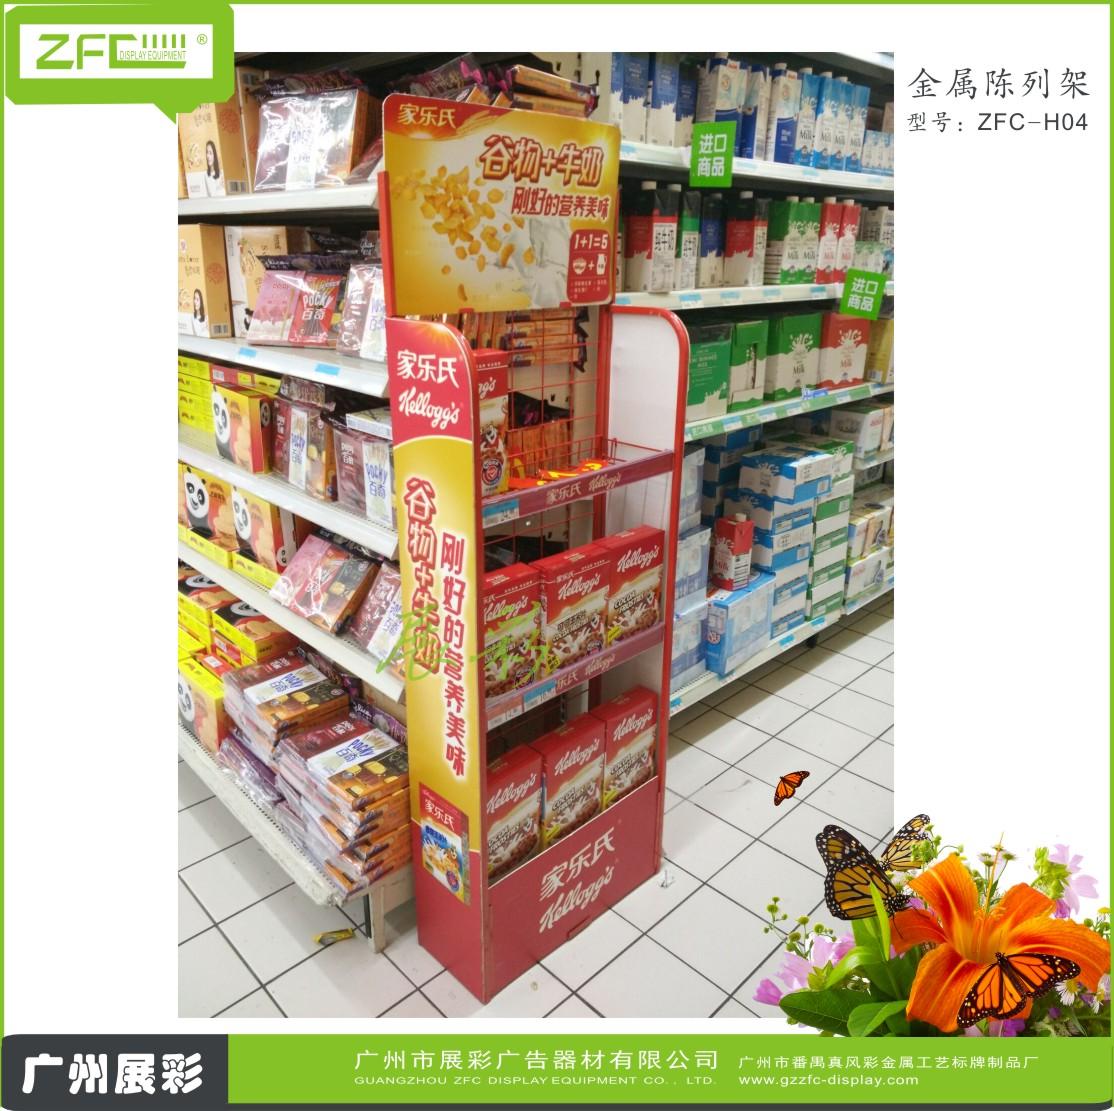 食品金属陈列架ZFC-H04